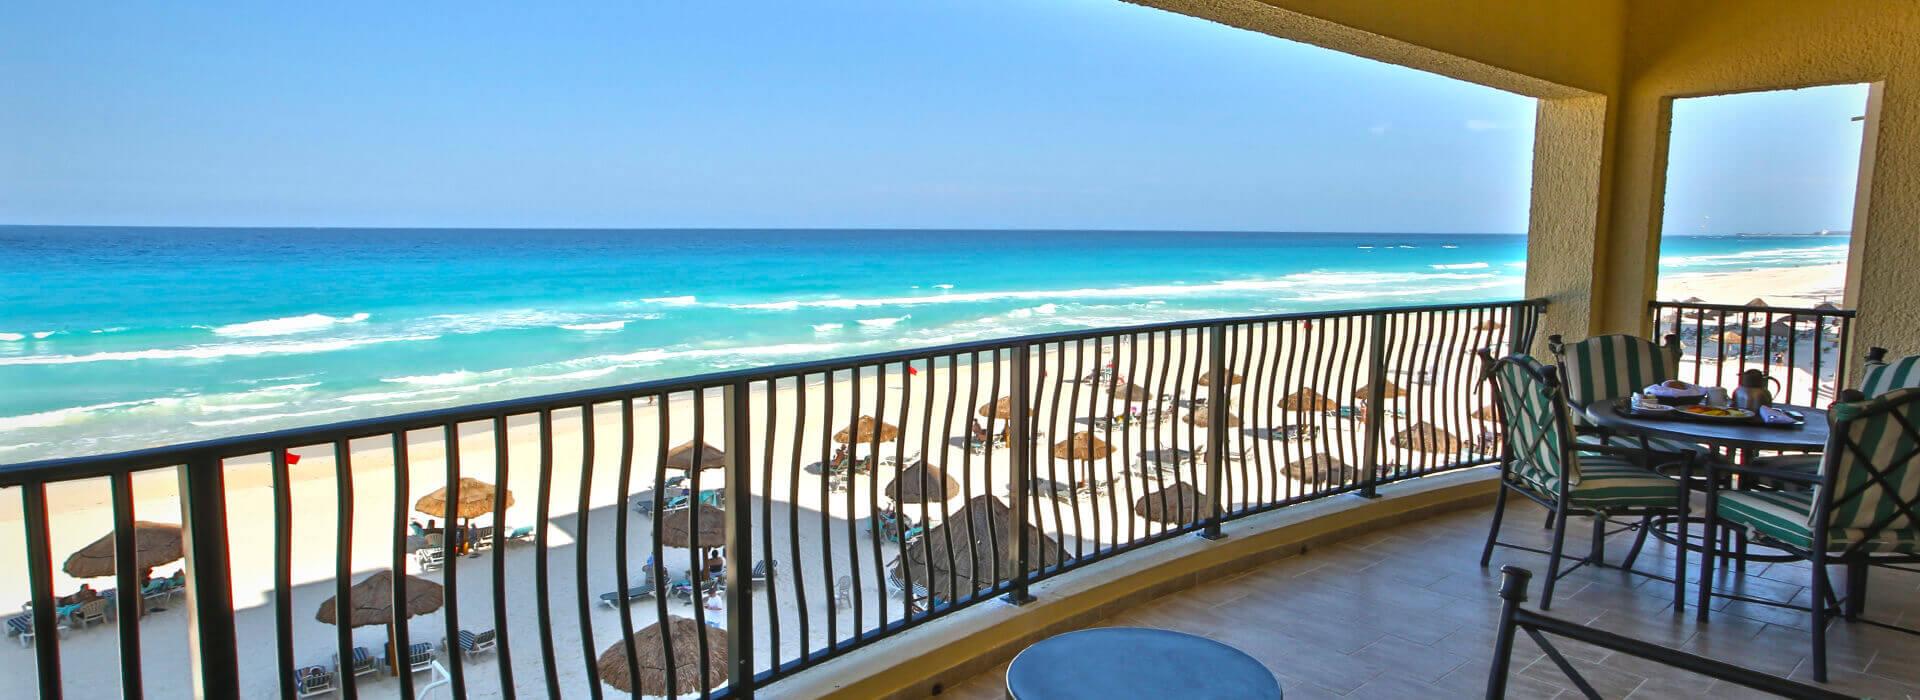 resort todo incluido en cancun frente al mar